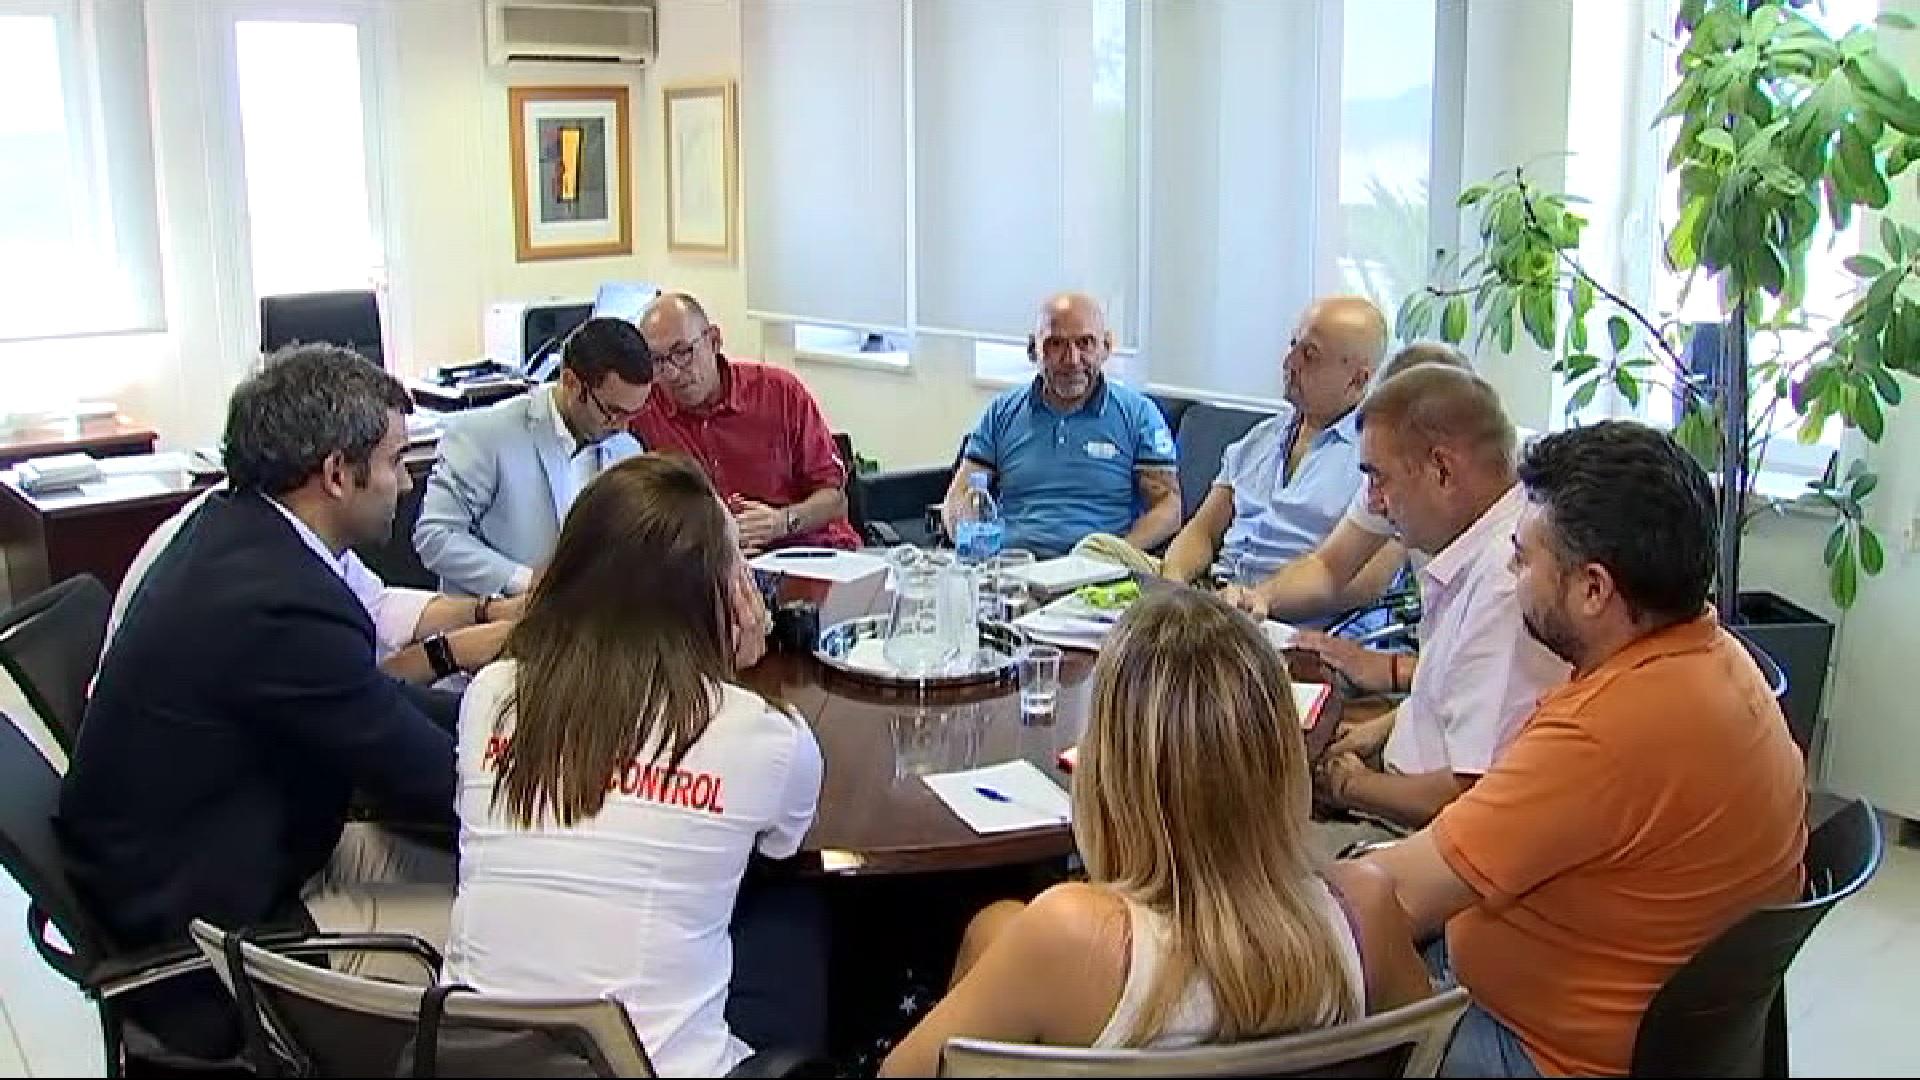 Els+treballadors+del+control+de+passaports+de+Son+Sant+Joan+voten+si+mantenen+la+vaga